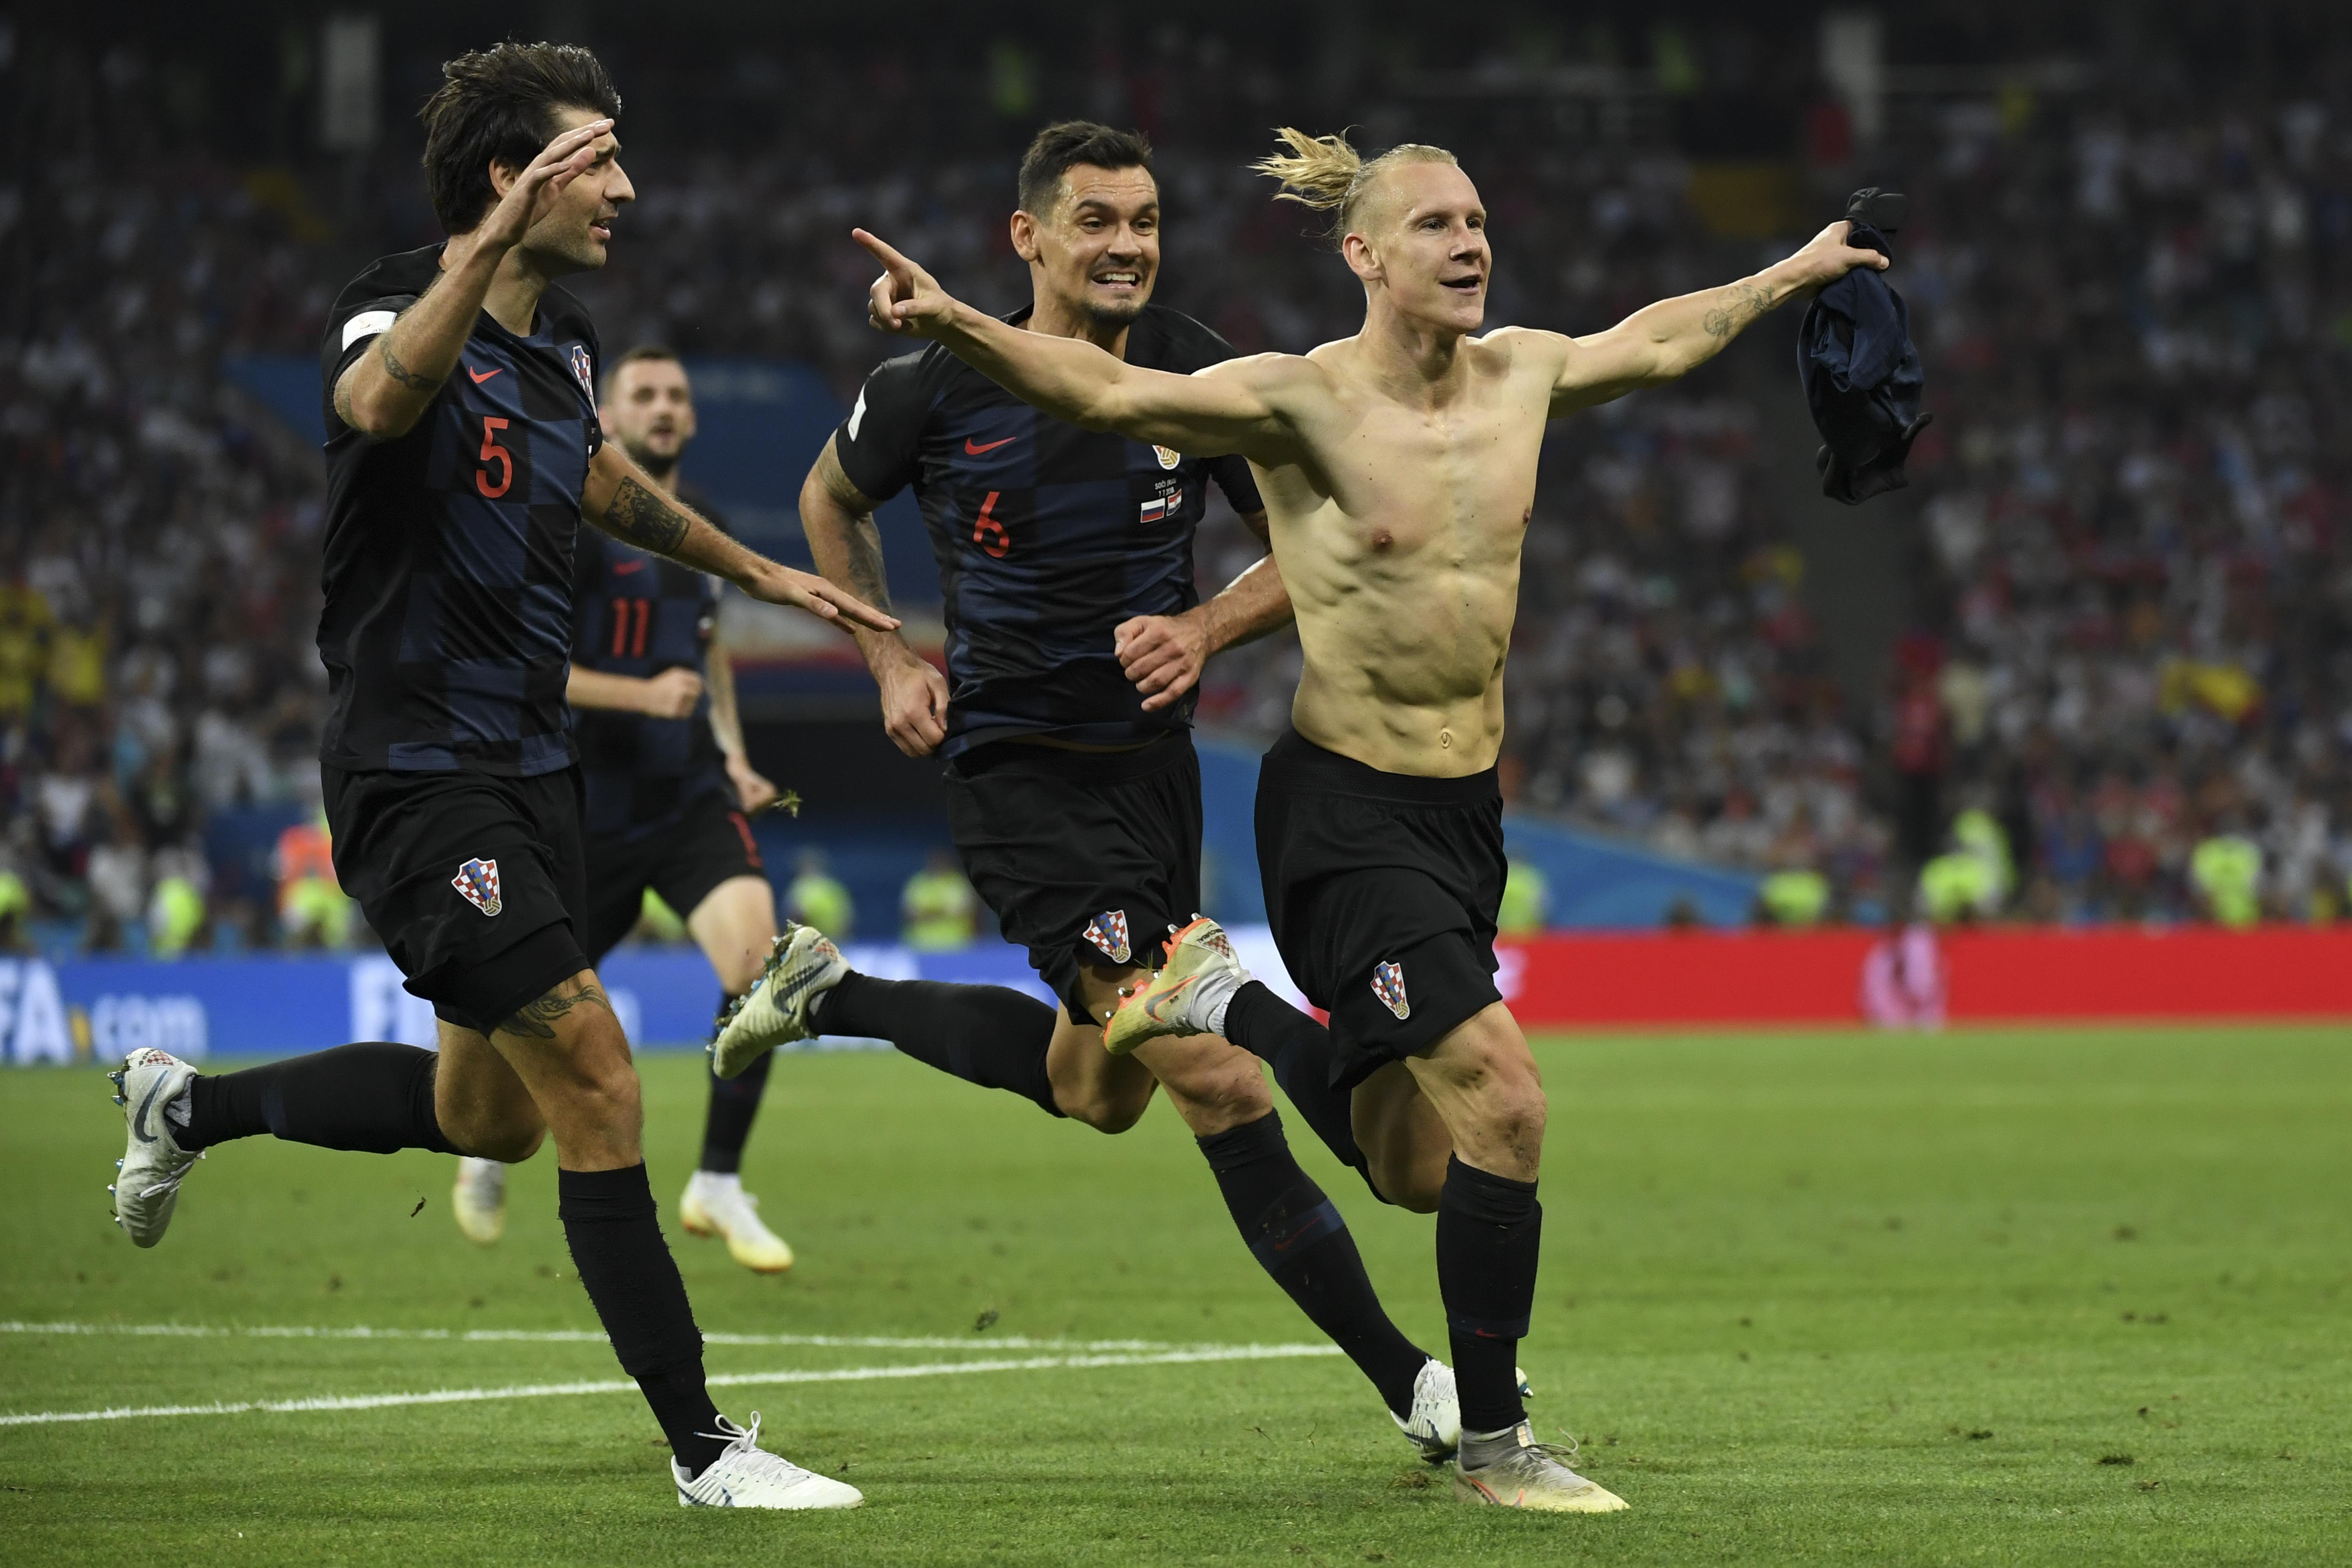 Vizsgálja a FIFA, hogy a horvát focisták éljenezhették-e Ukrajnát az oroszok legyőzése után